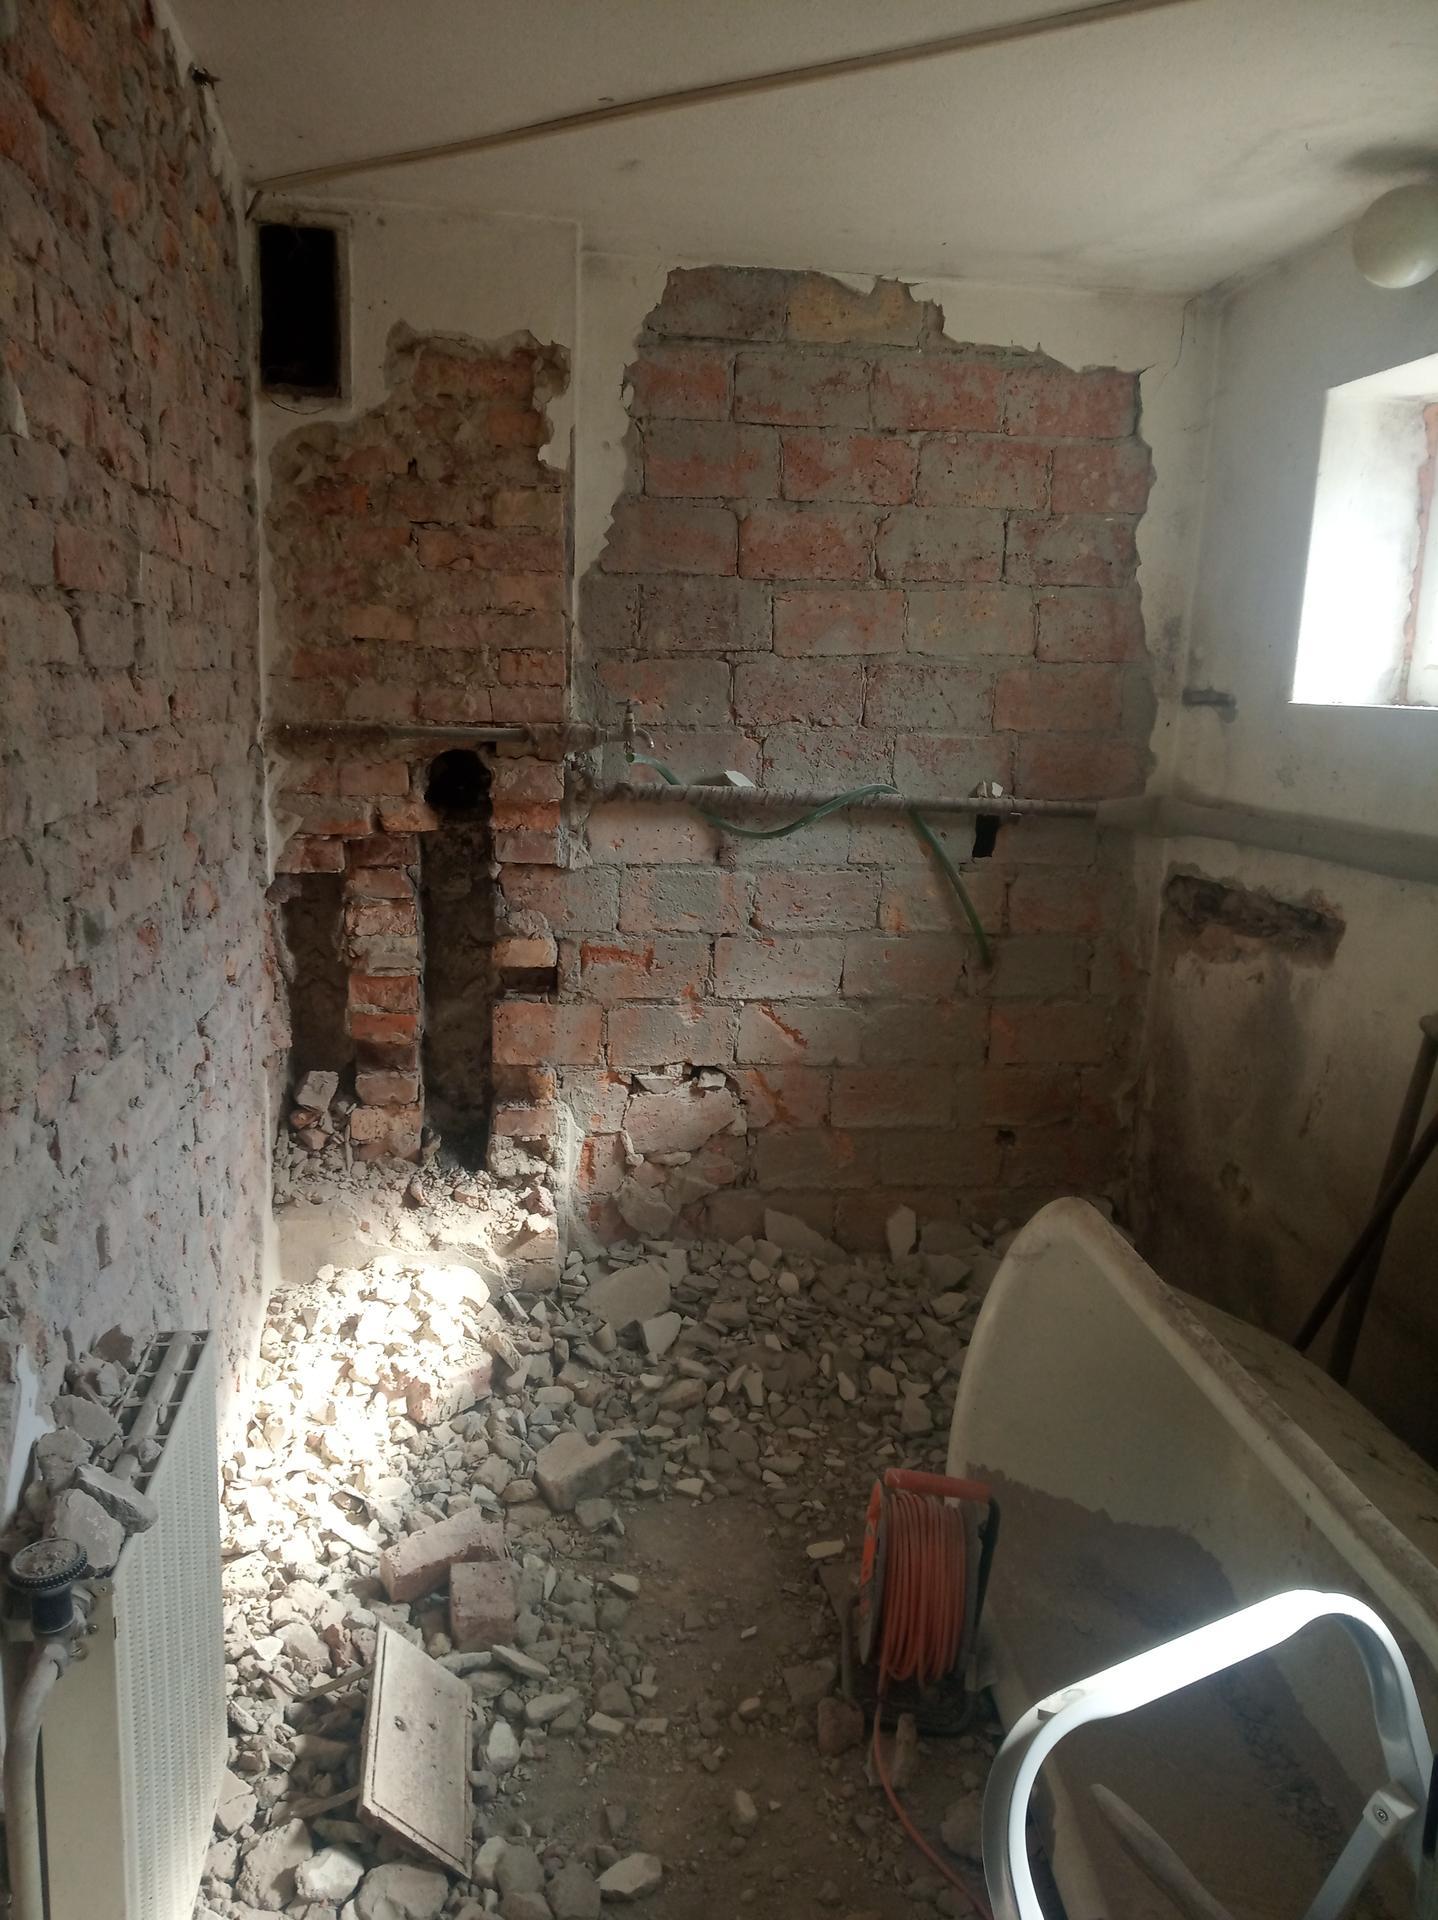 Koupelna - copak je to za obvodovou zeď? 🤔